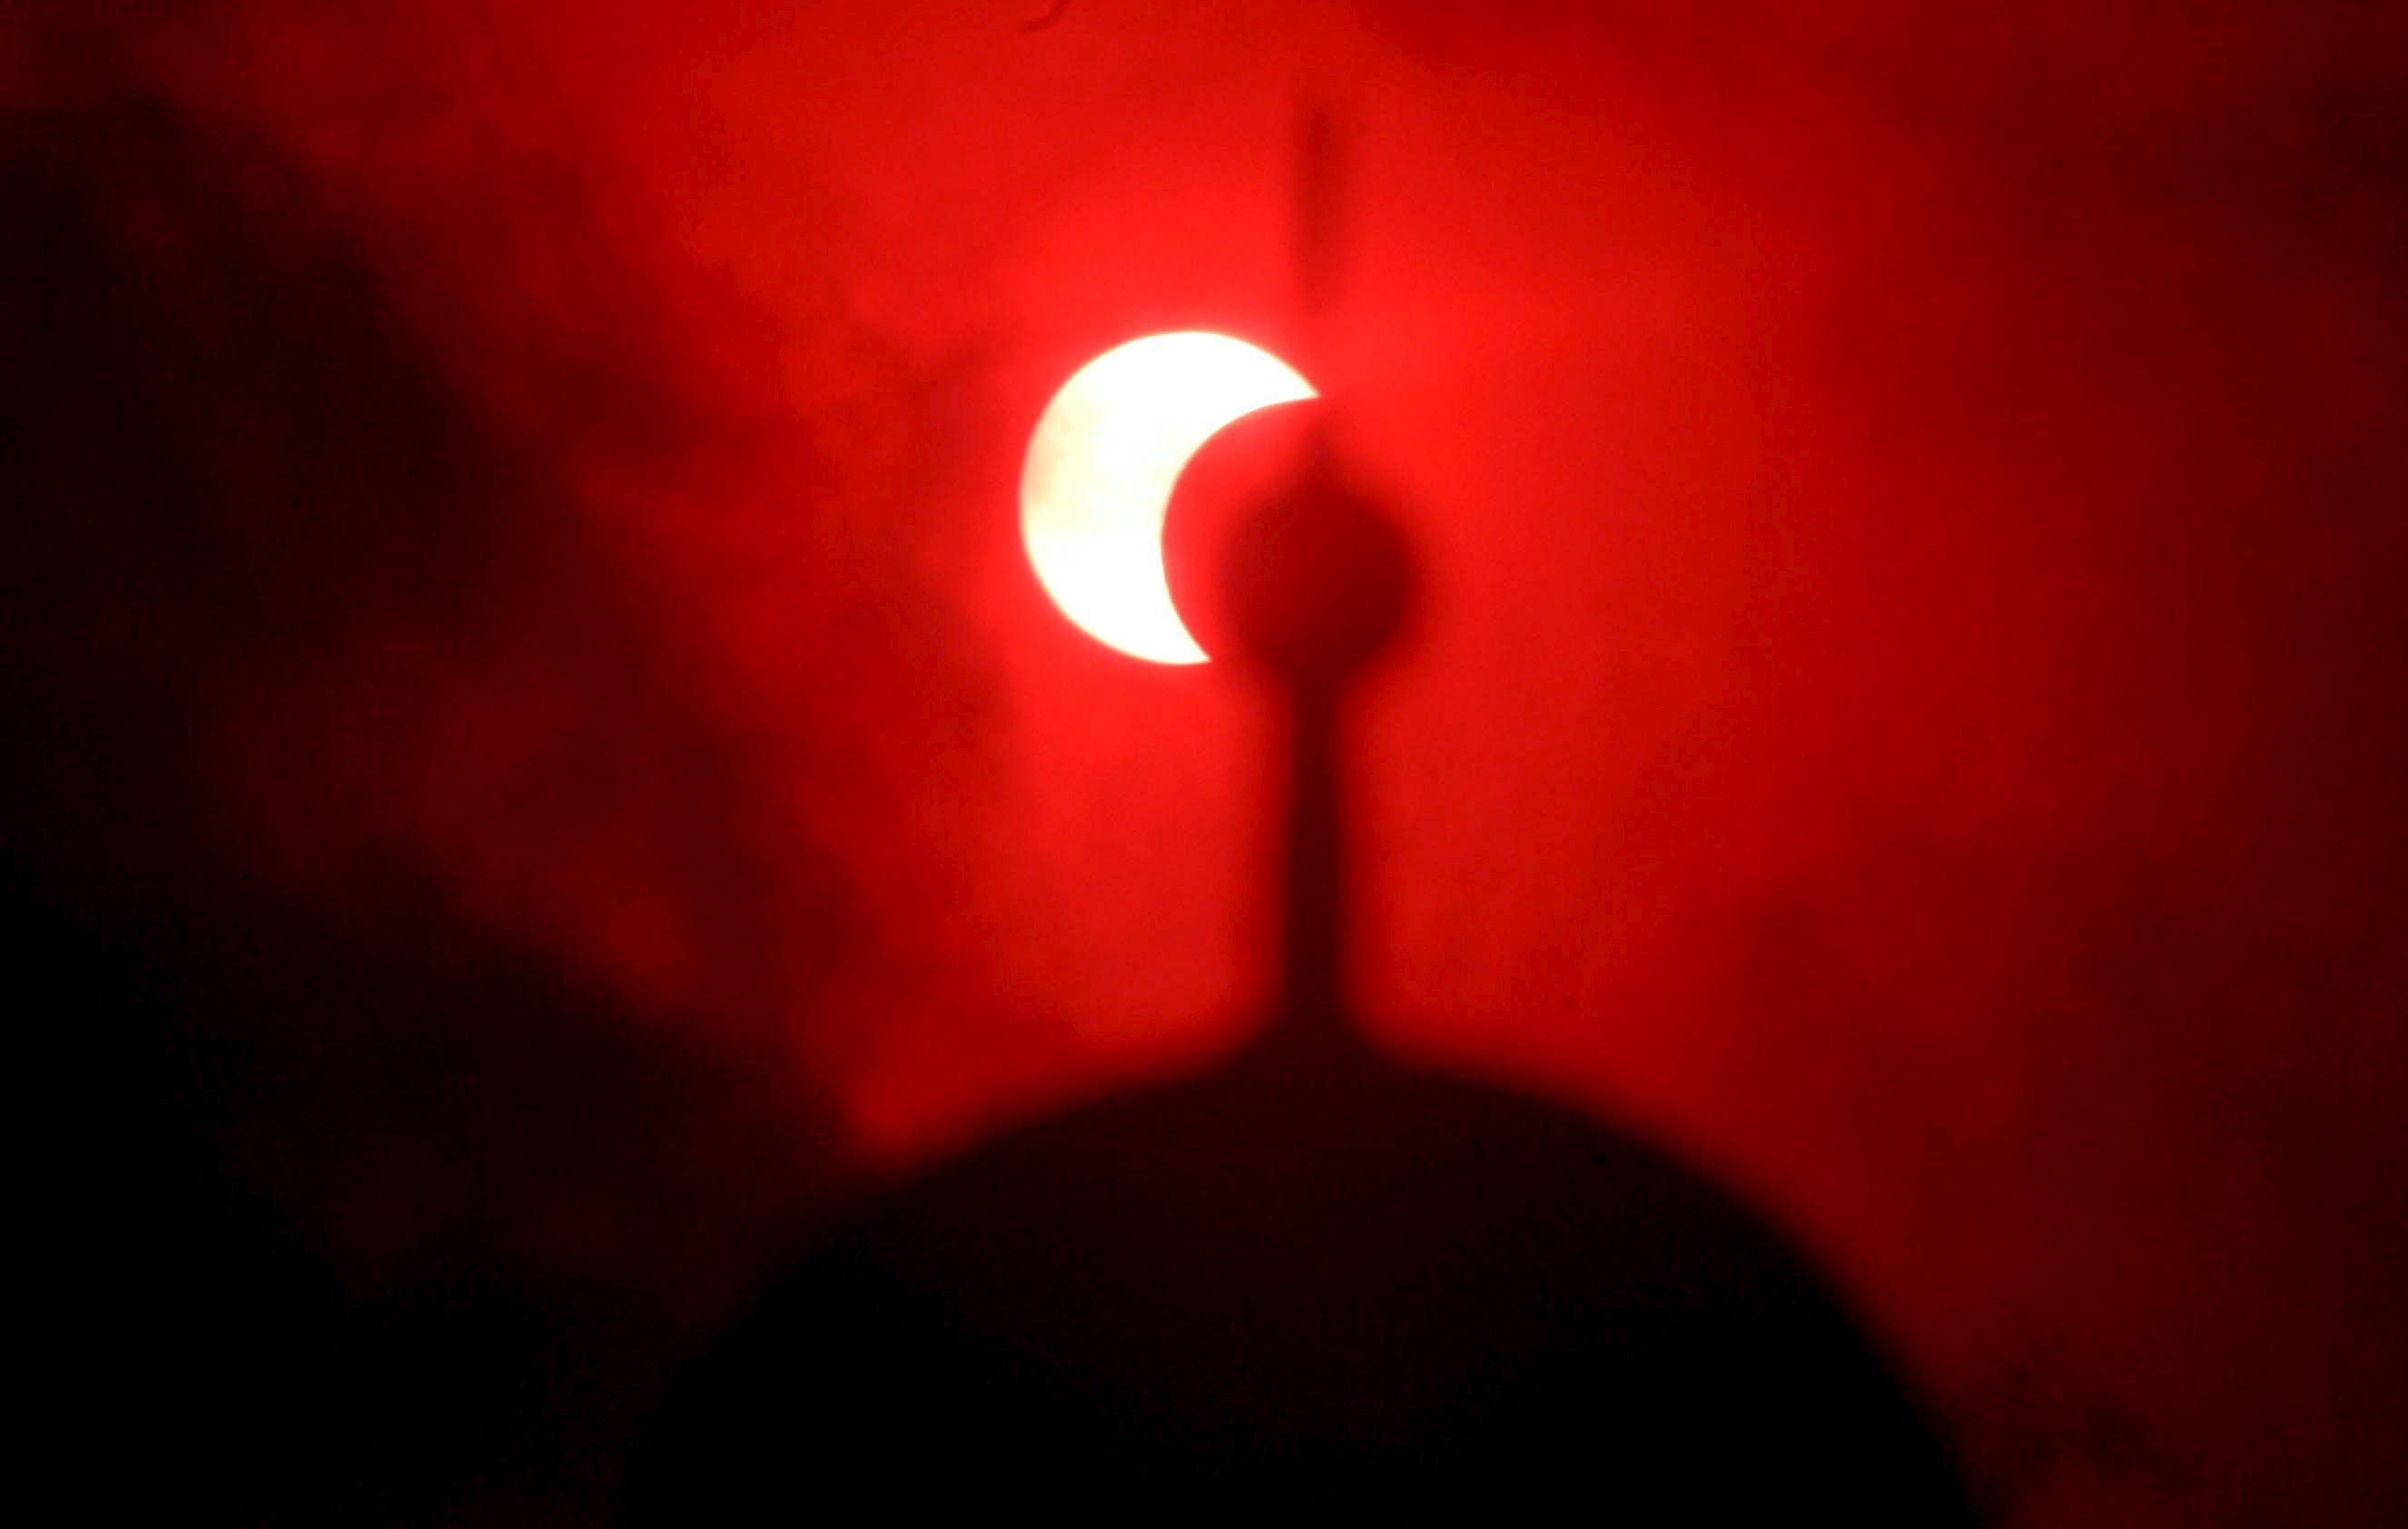 Vista del eclipse solar anular en Banda Aceh (Indonesia).